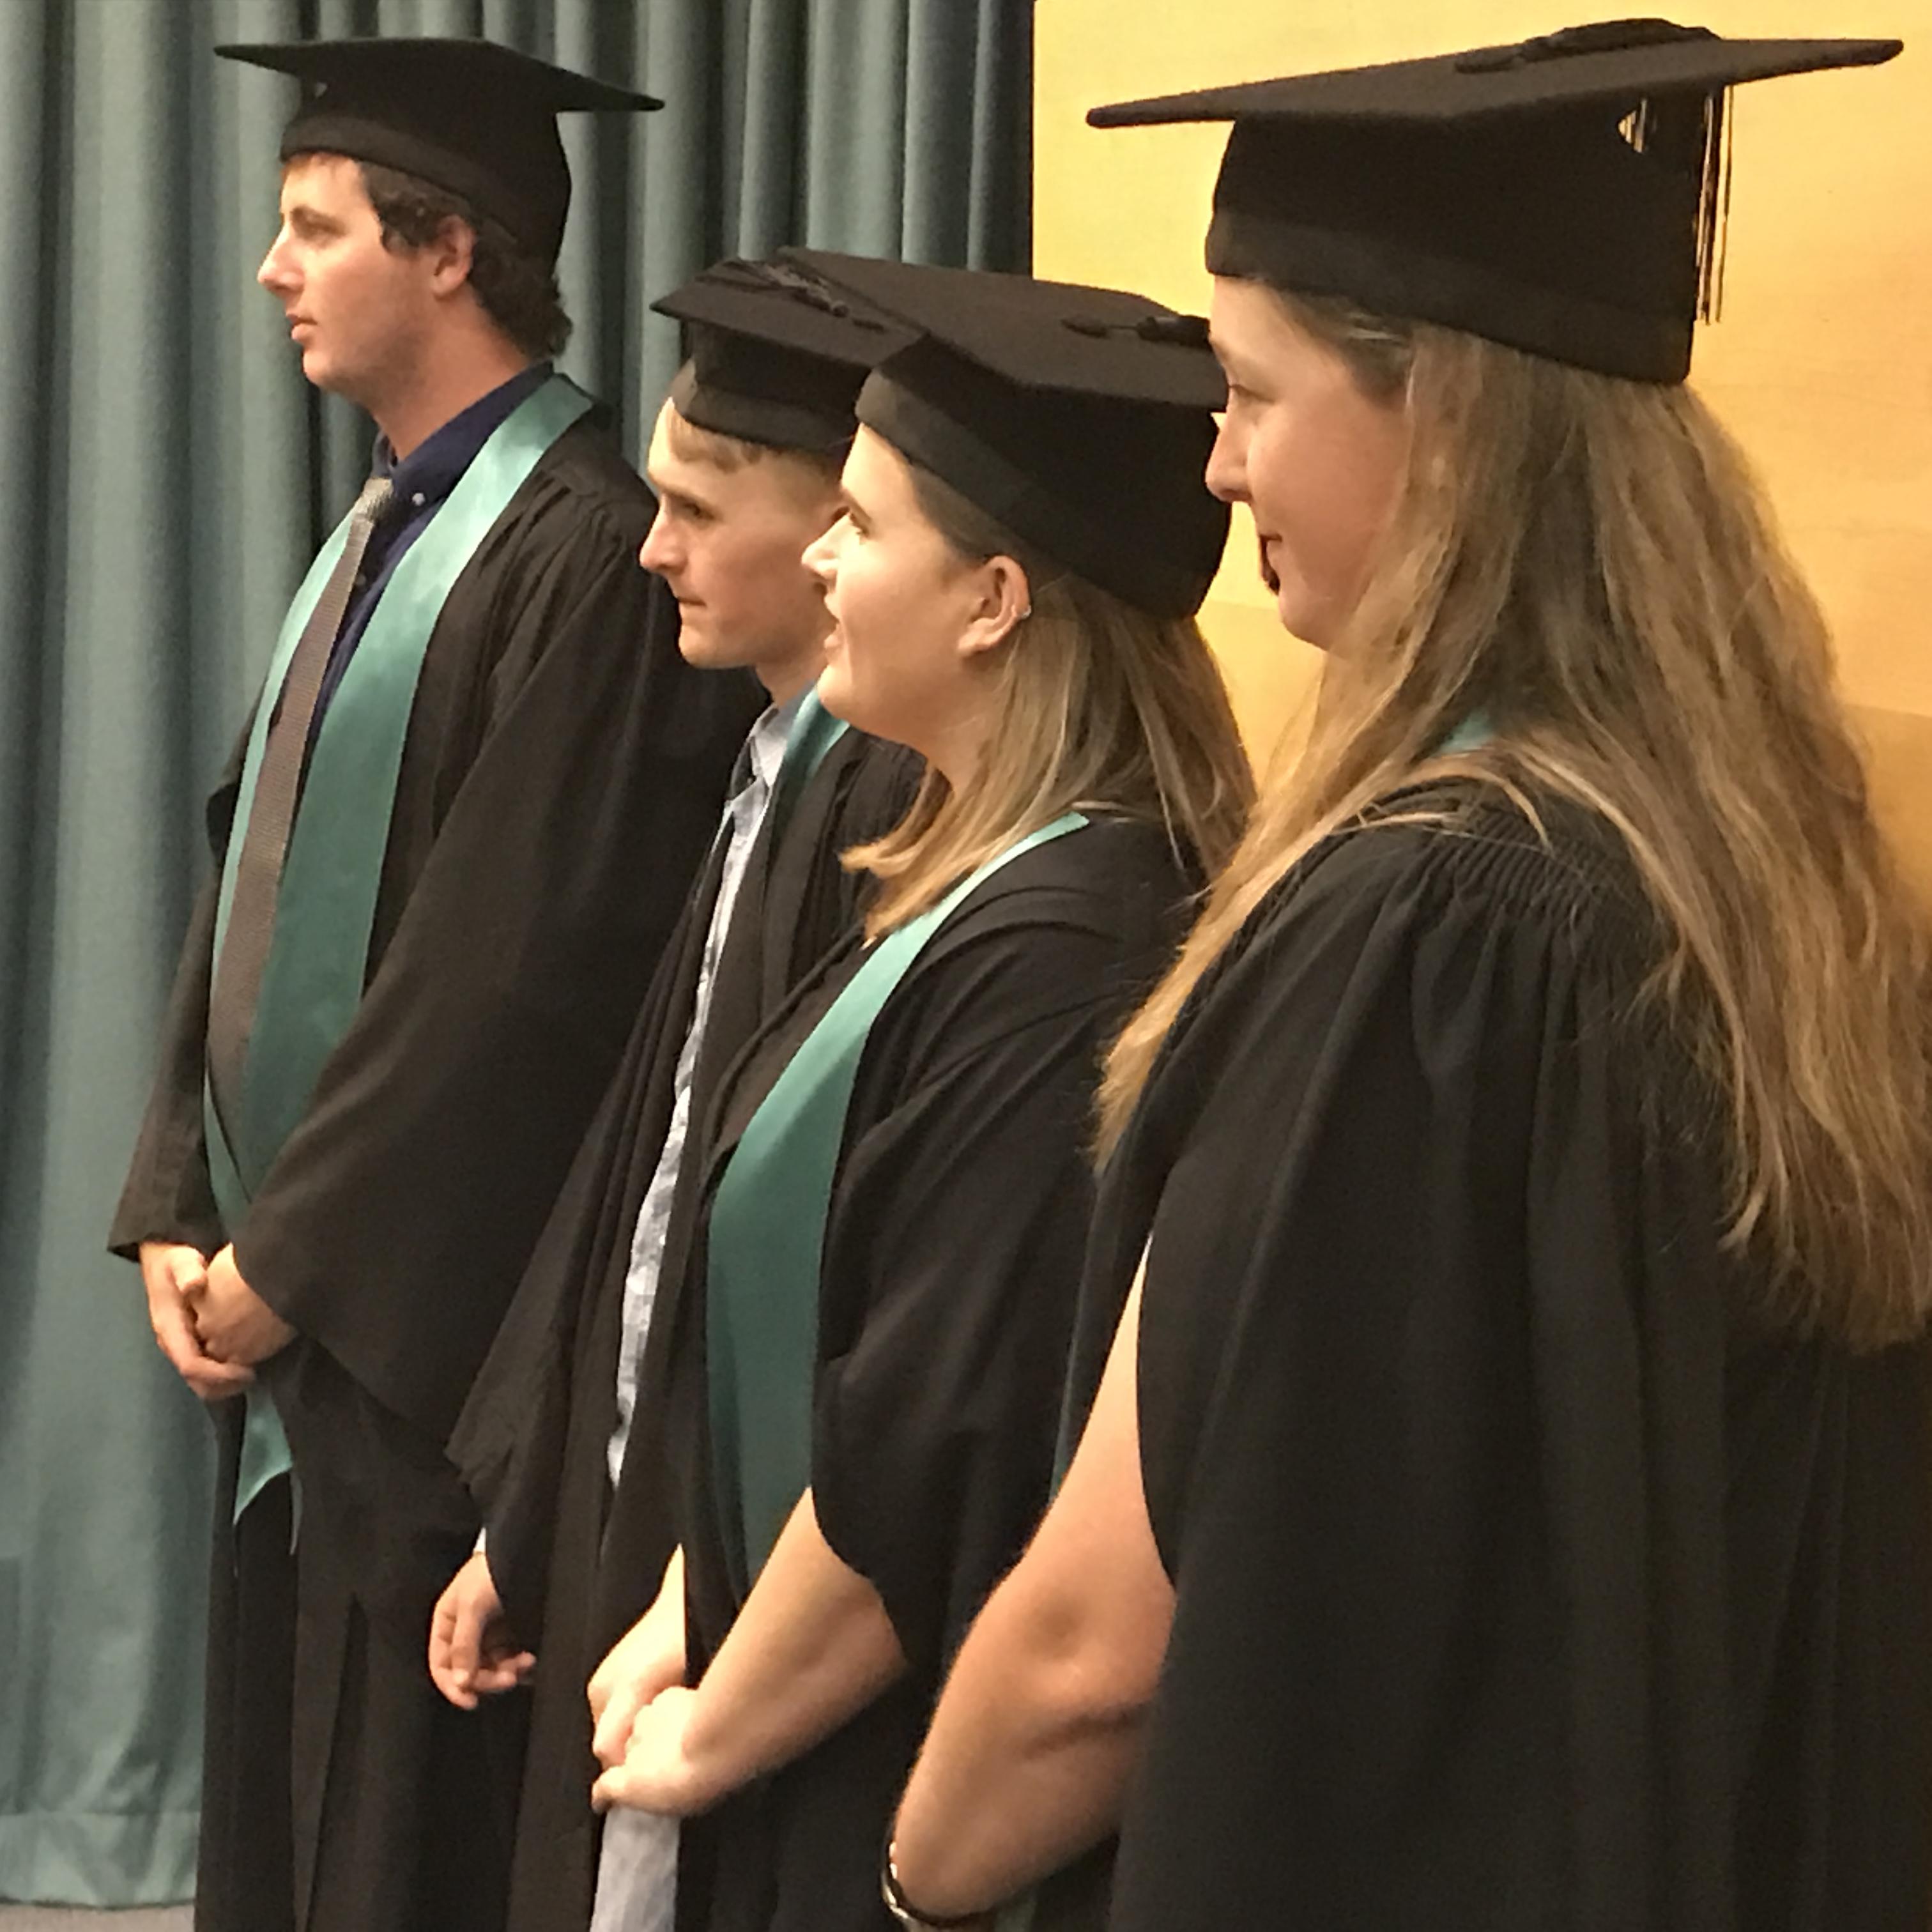 161123_-_Muresk_Diploma_graduates.jpg